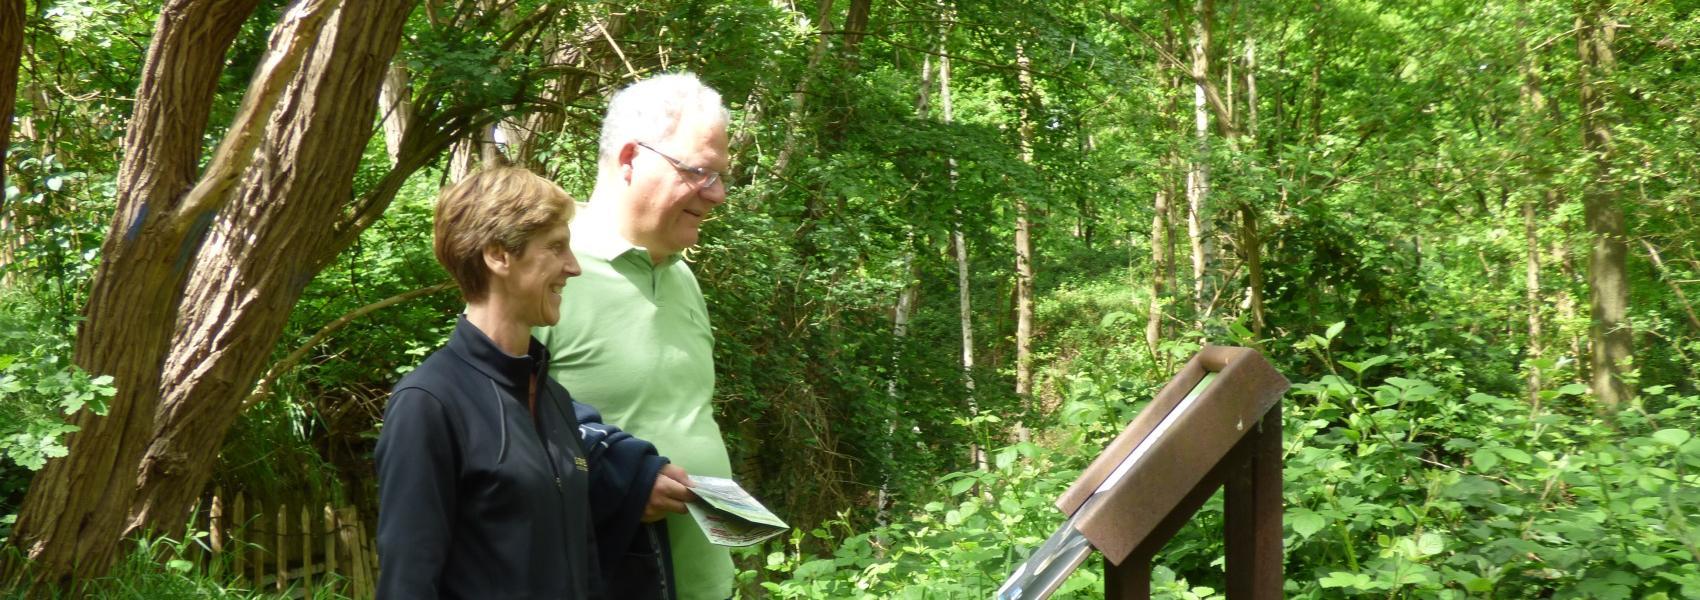 2 mensen bekijken een infobord